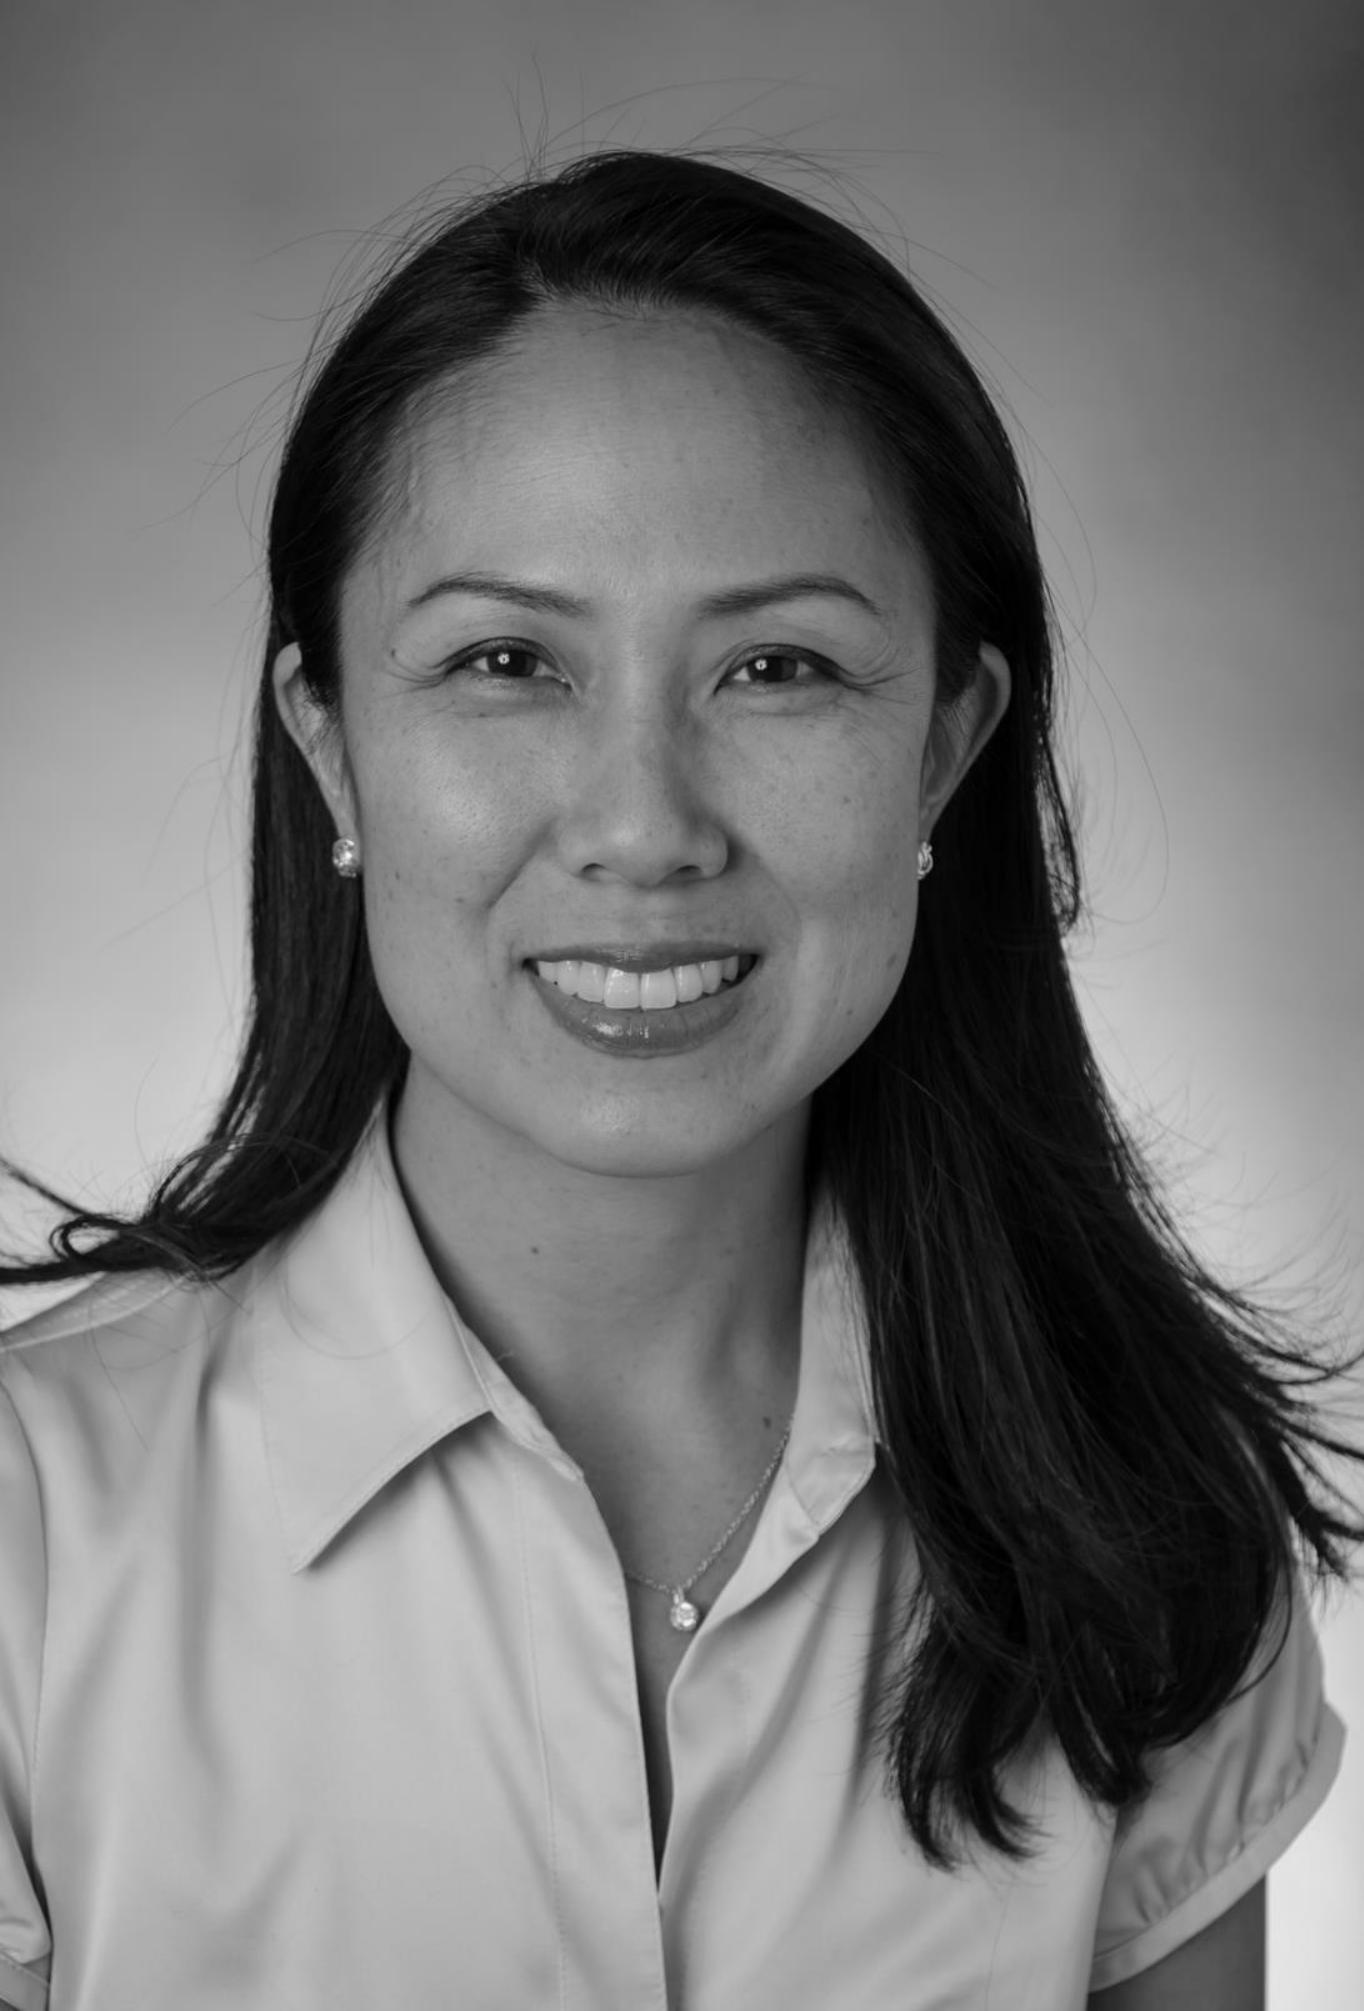 LInnea Hur, MD, MPH - Medical Director617-641-9743 x709lhur@mavenproject.org